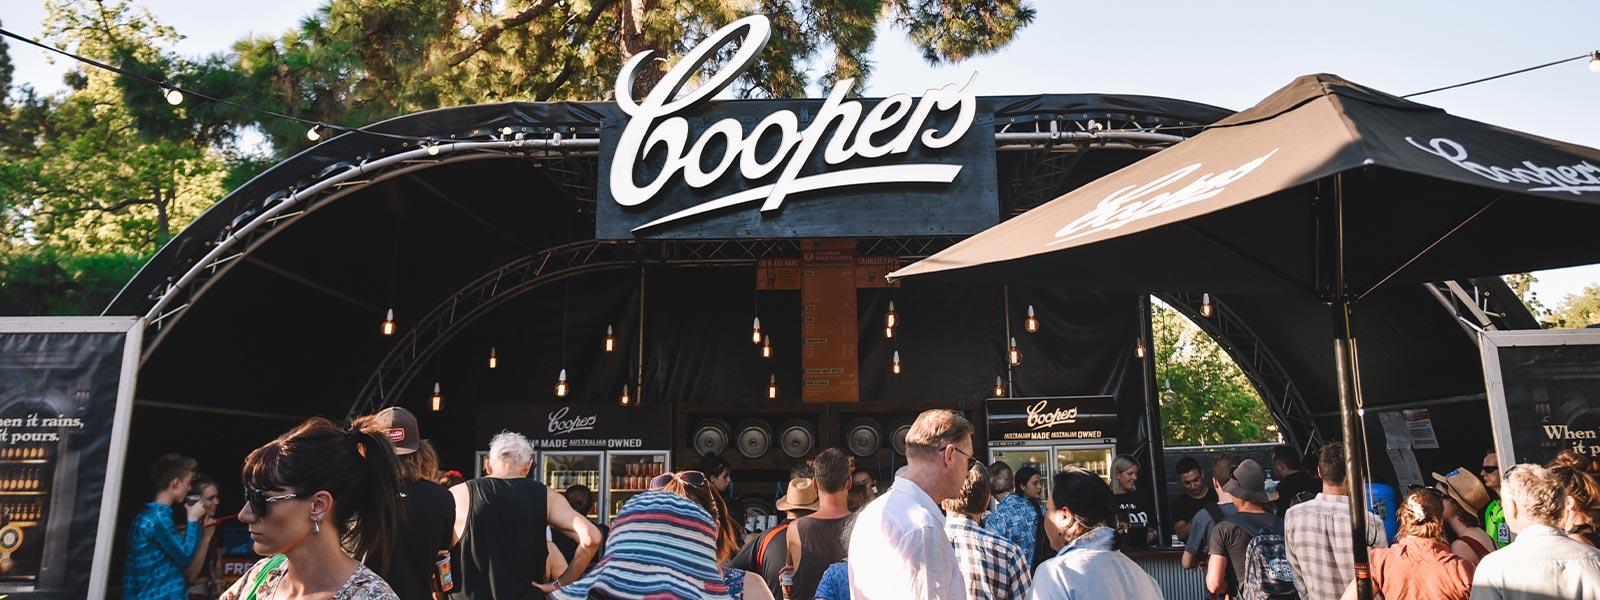 Coopers-Beer-Garden-1600x600